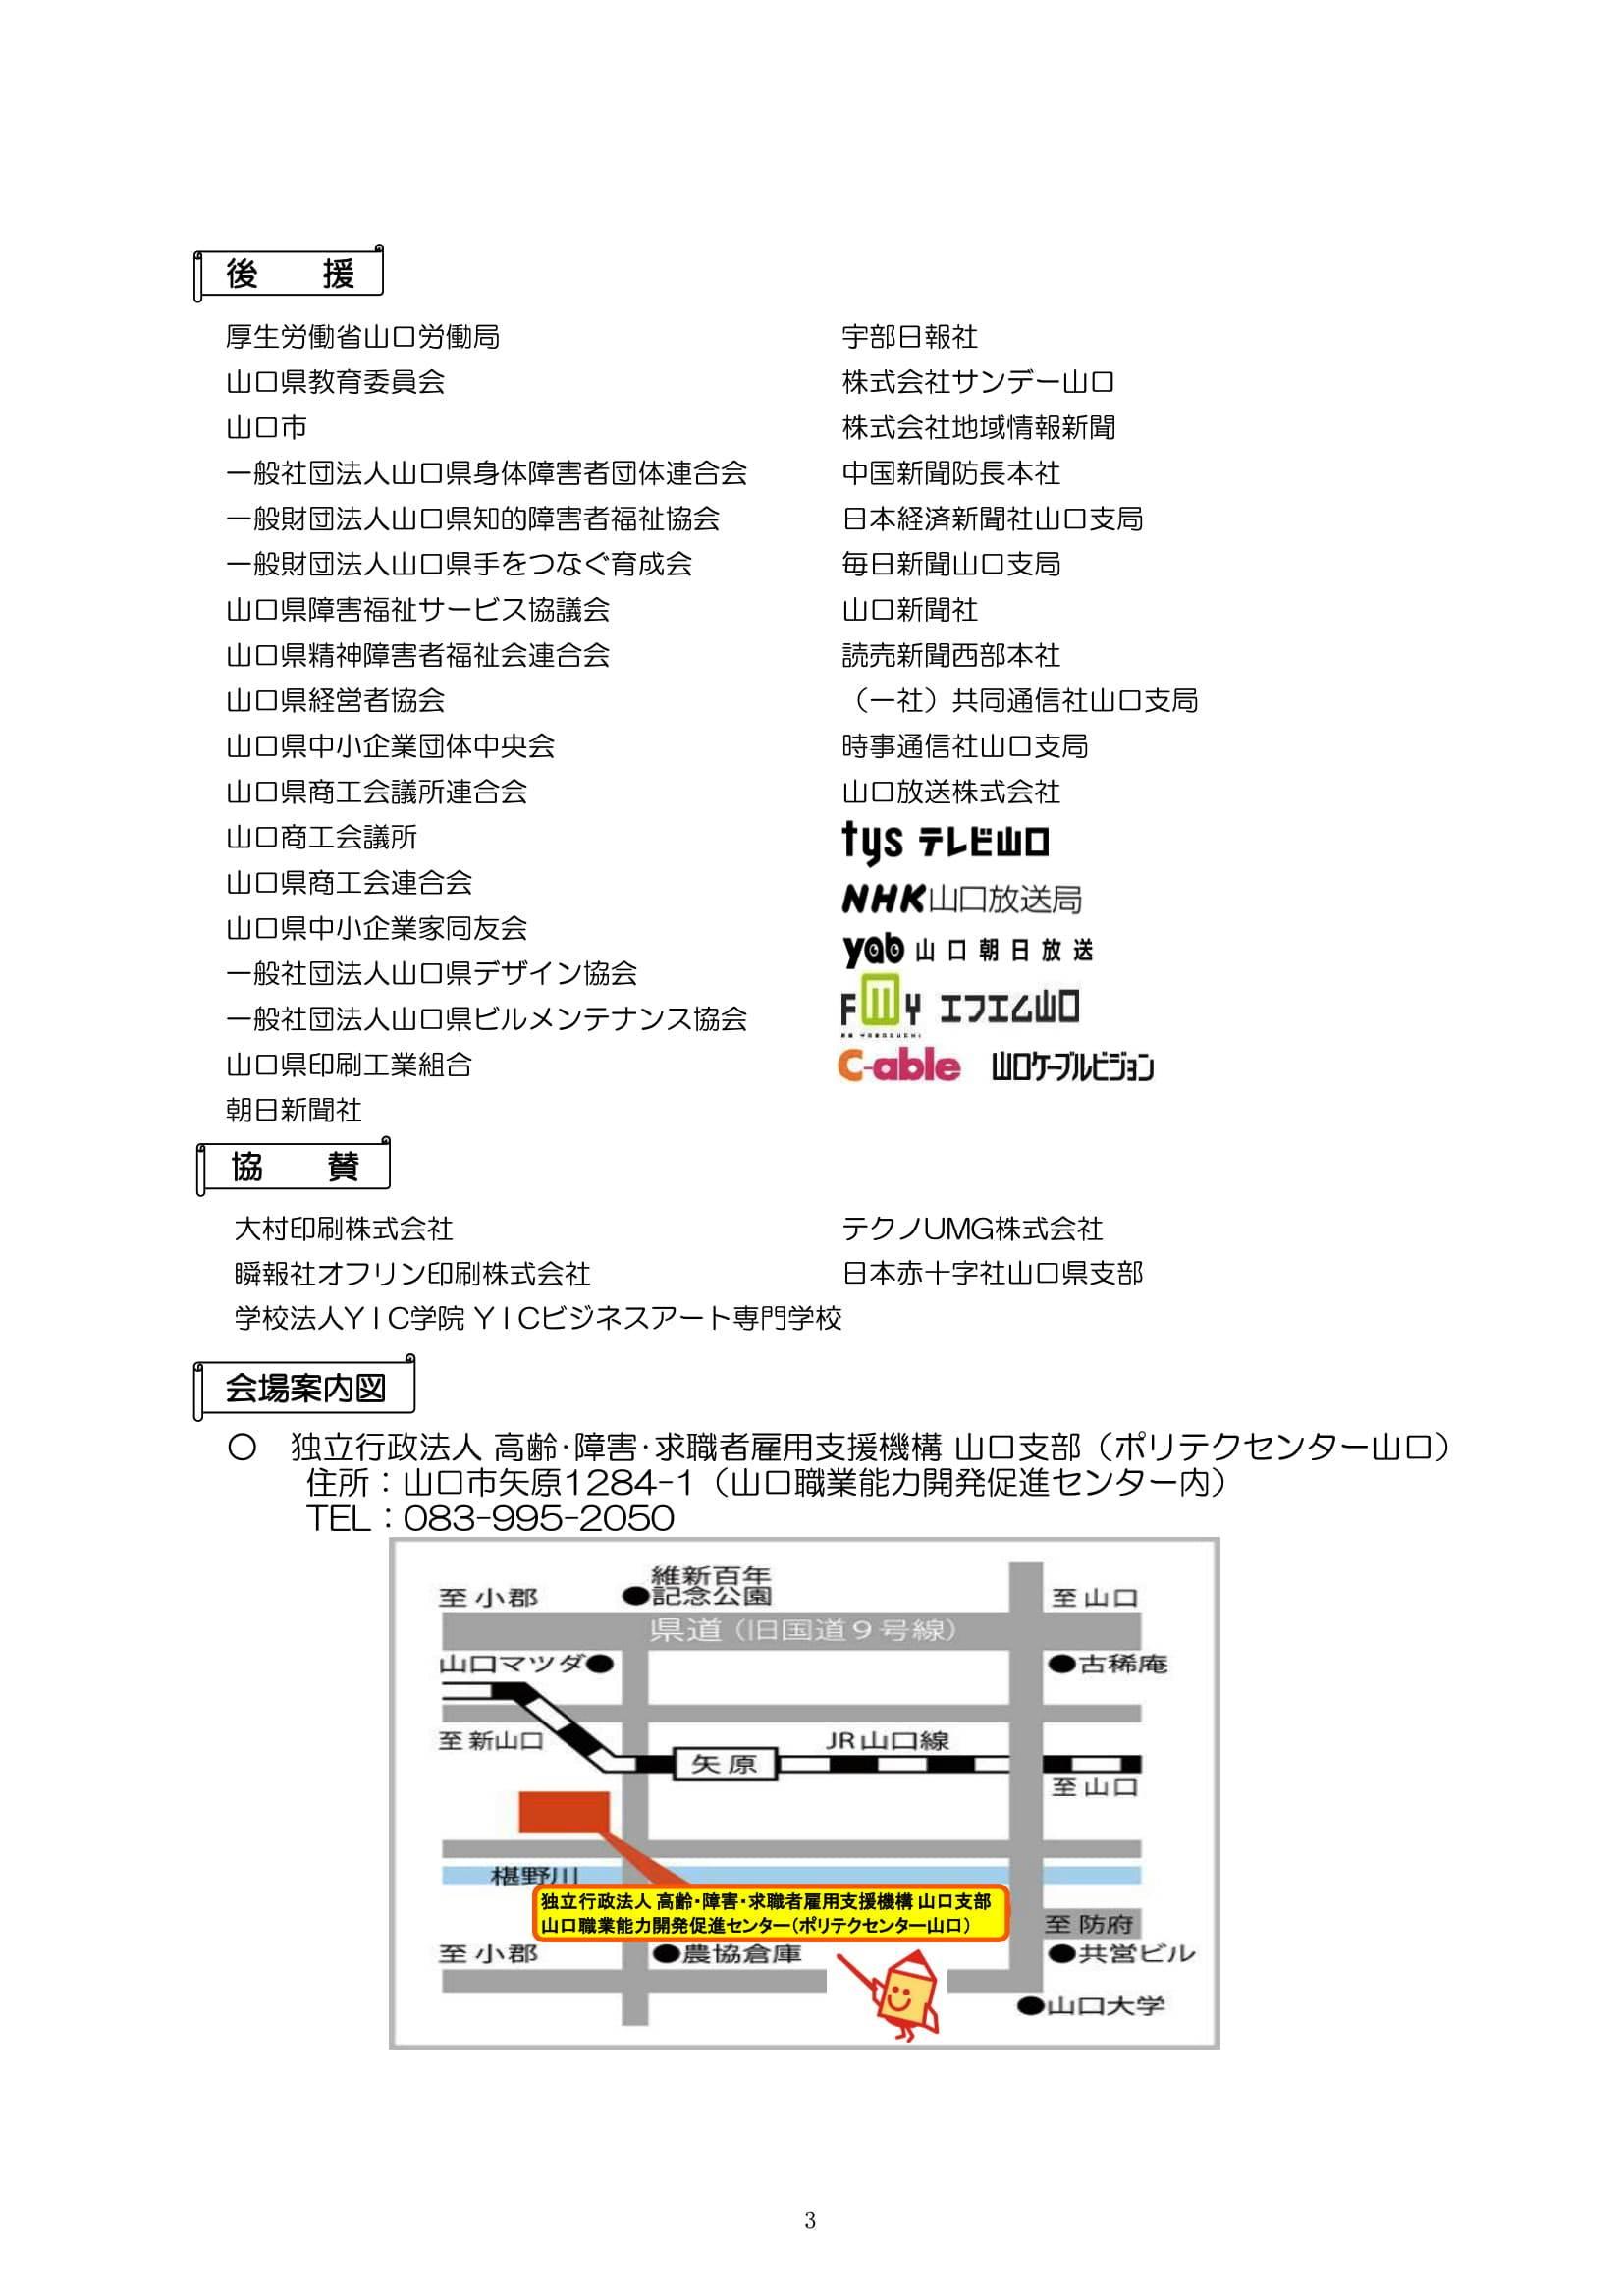 朝日ネット 障害